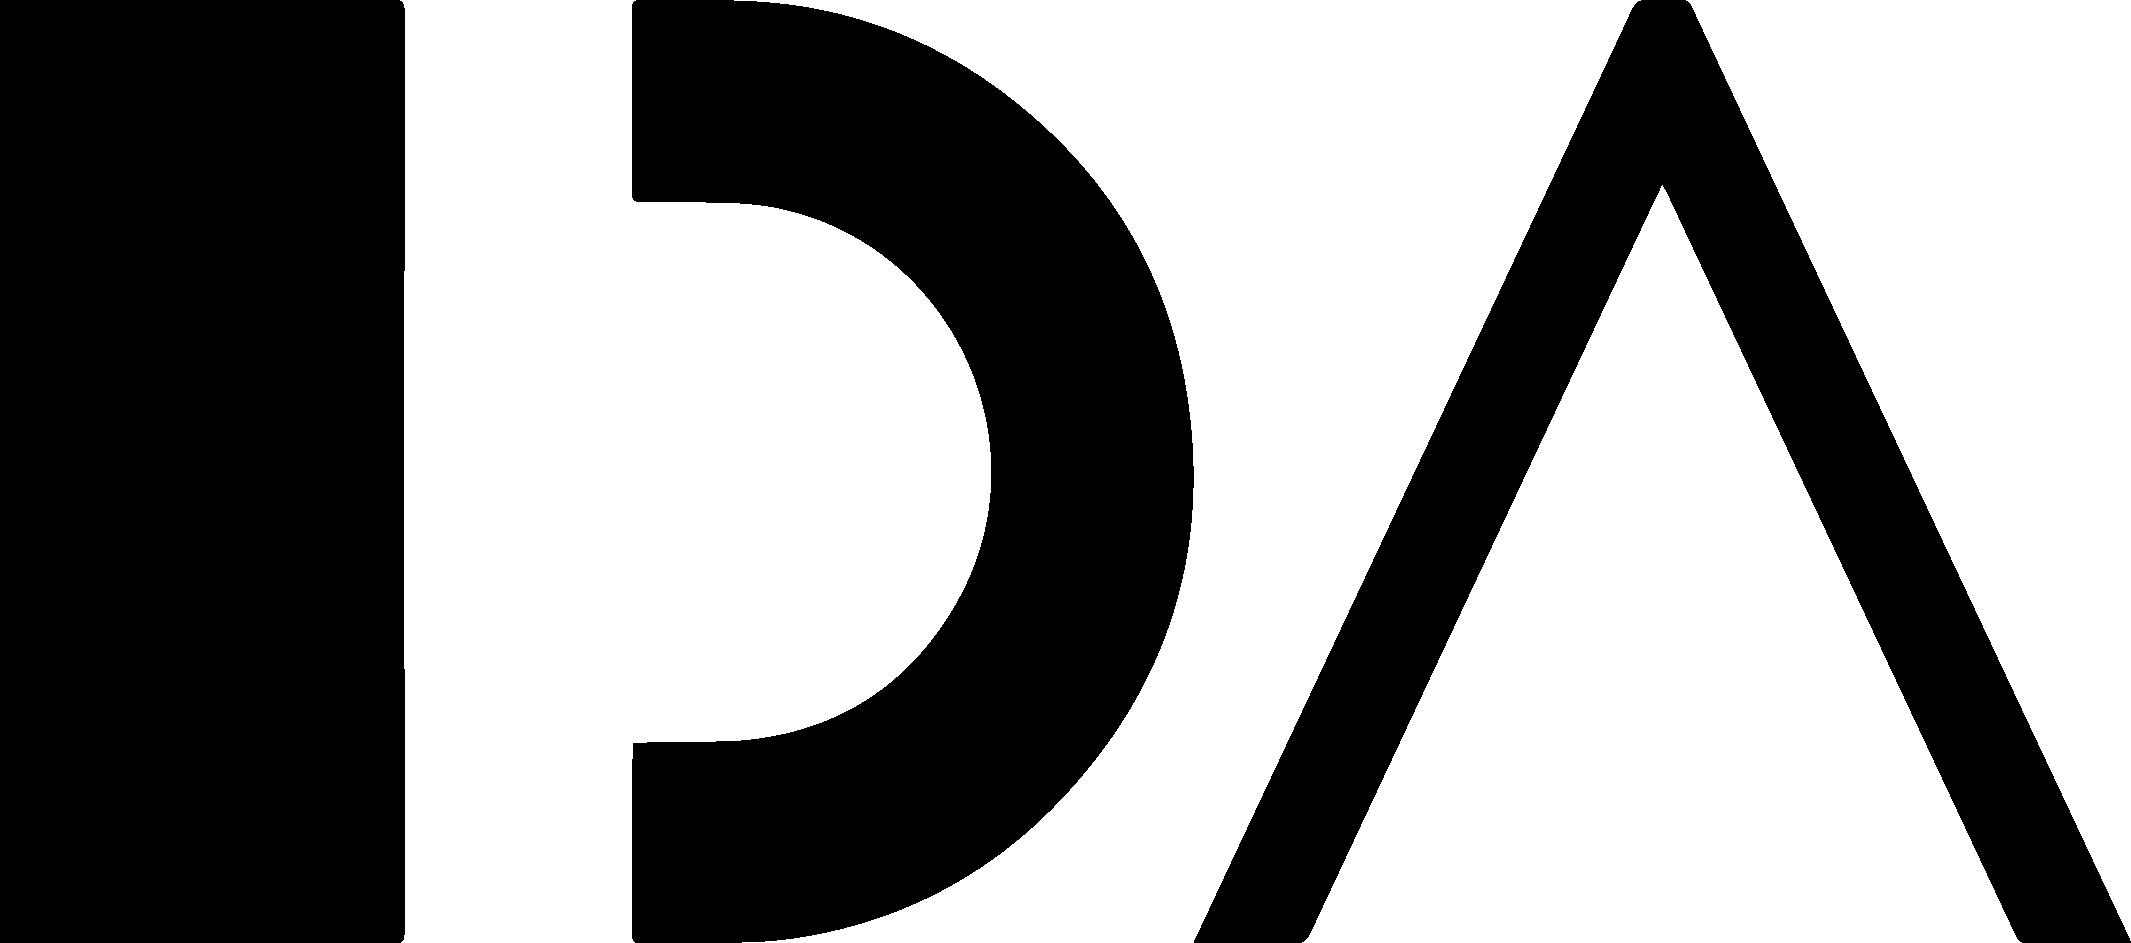 idalogorgb uden baggrund.png